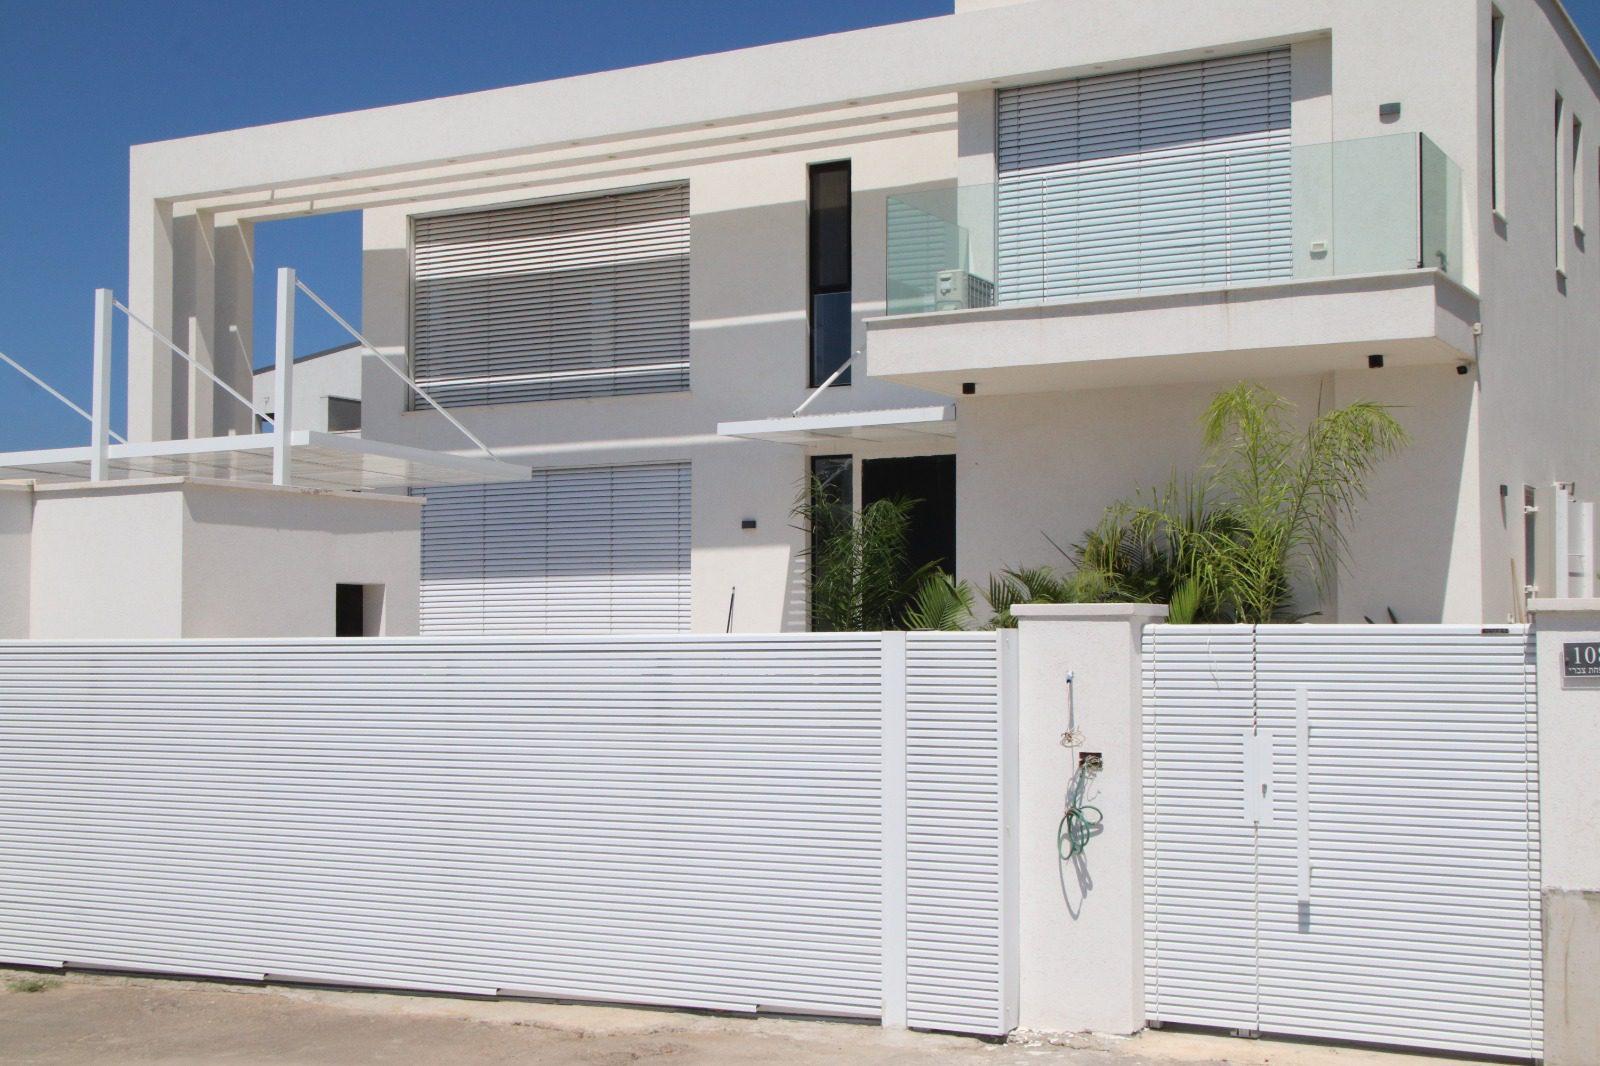 שער לבית בצבע לבן